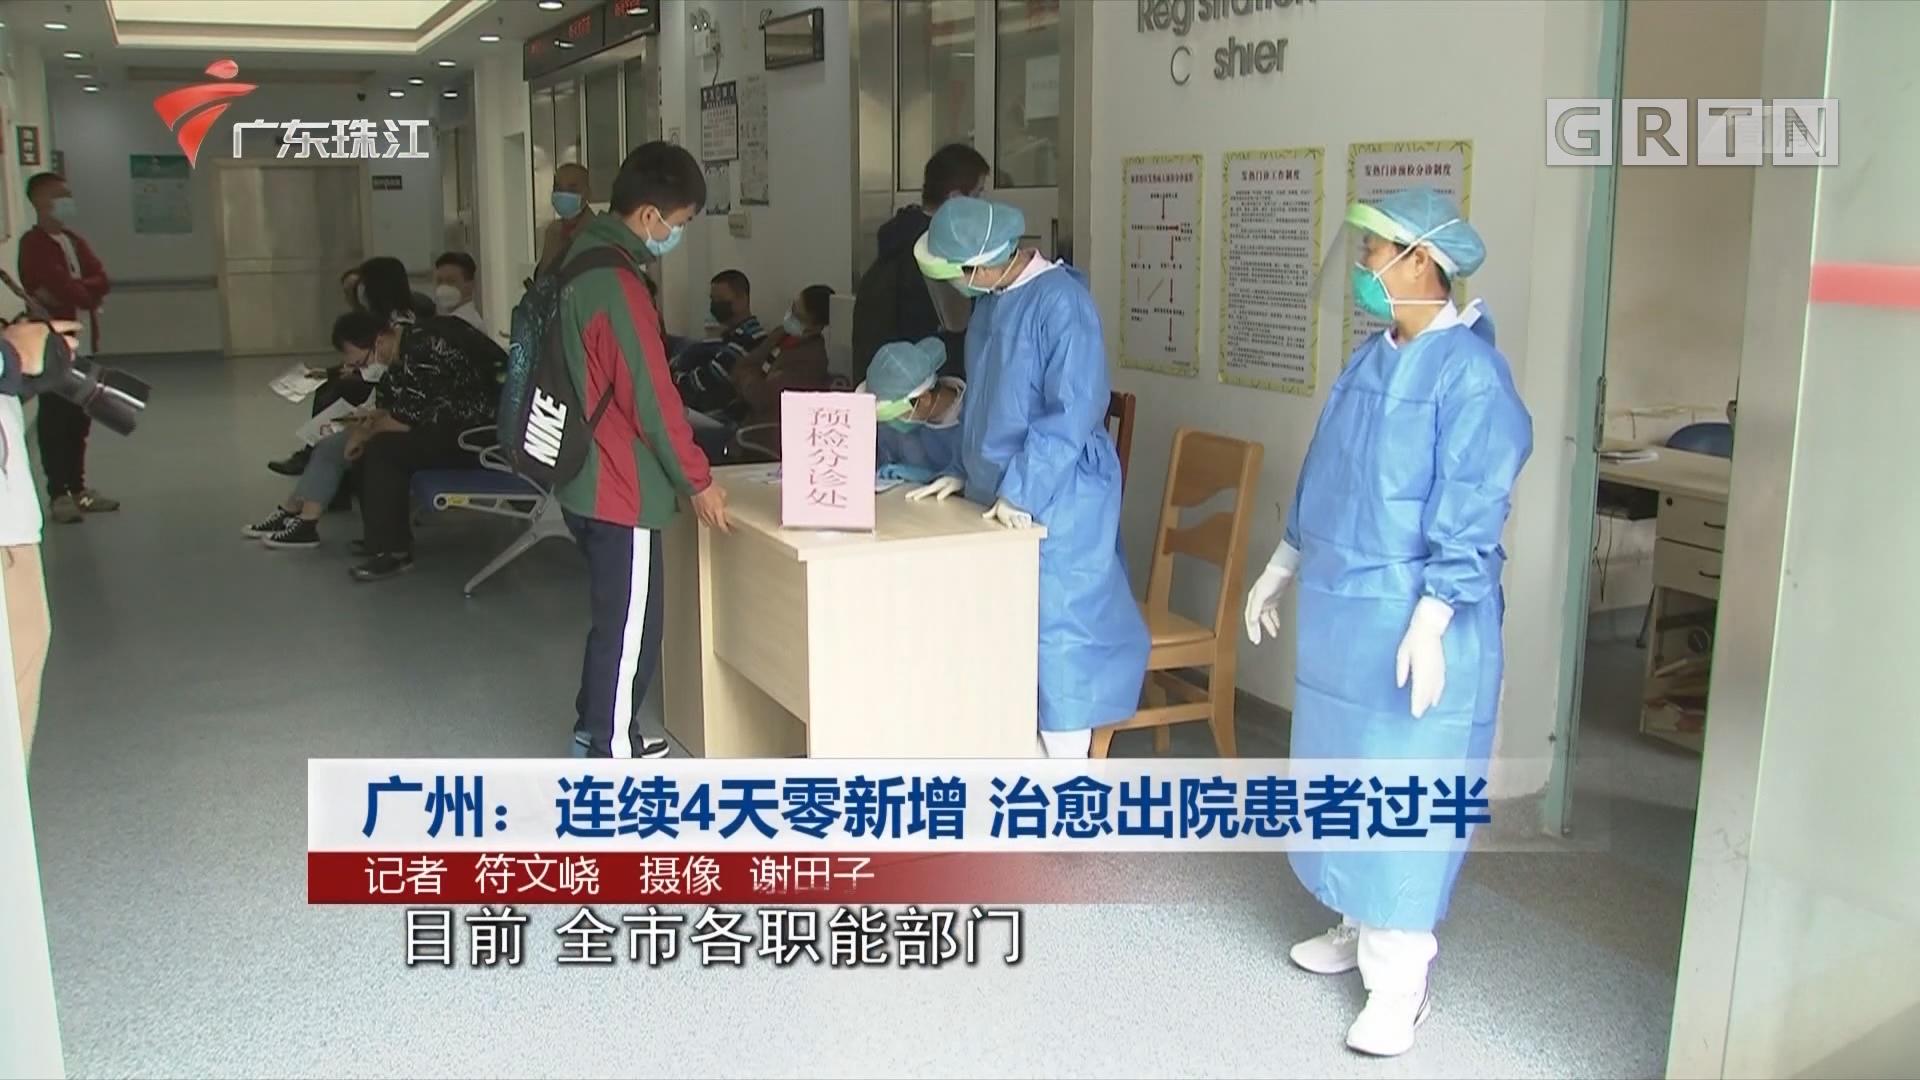 广州:连续4天零新增 治愈出院患者过半